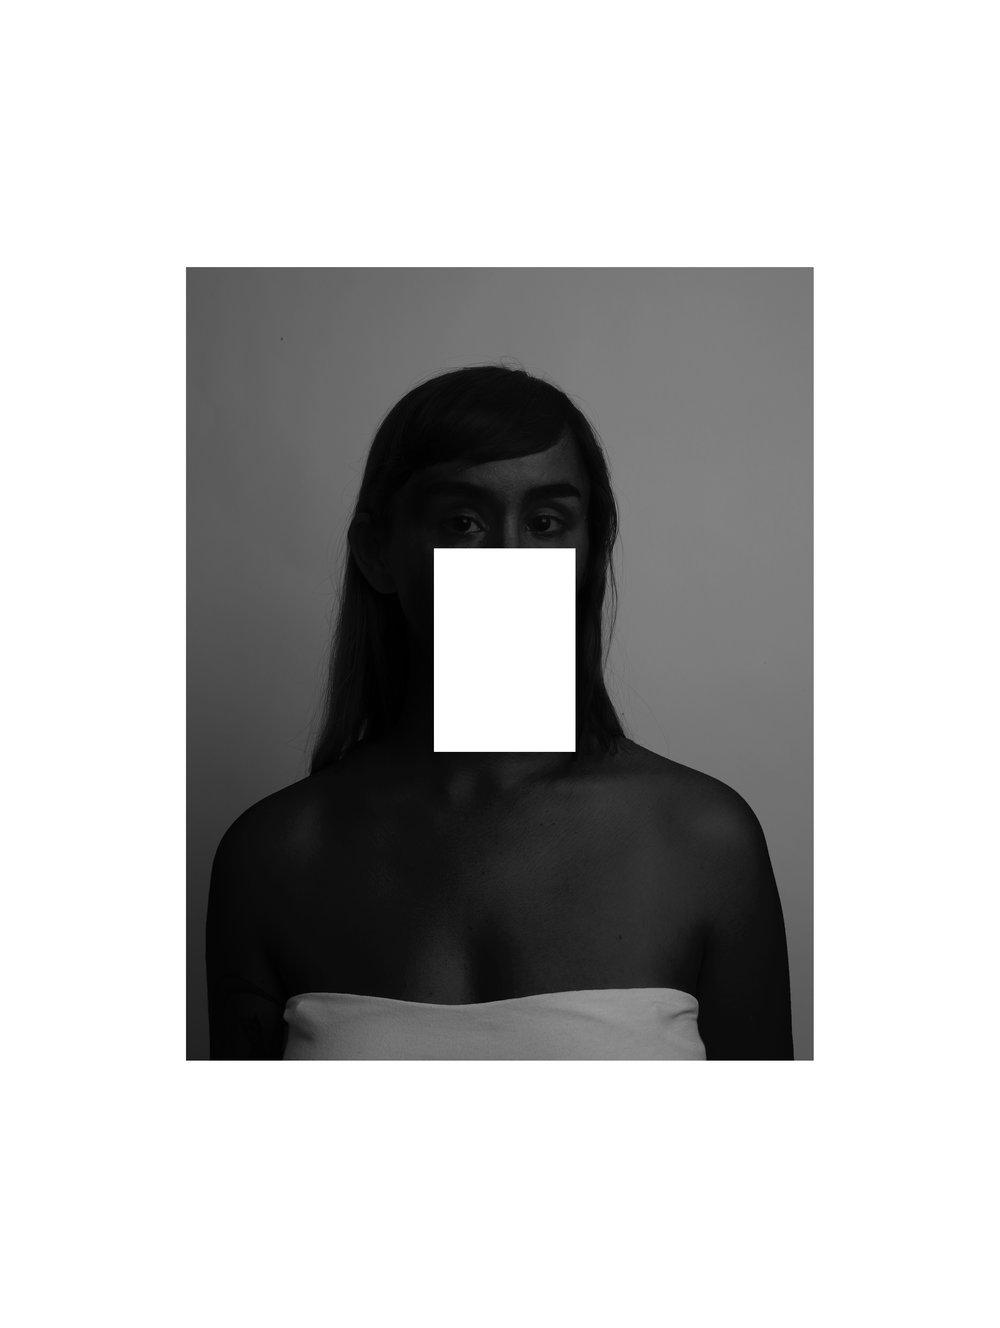 Black Woman #7 (Guess my race)